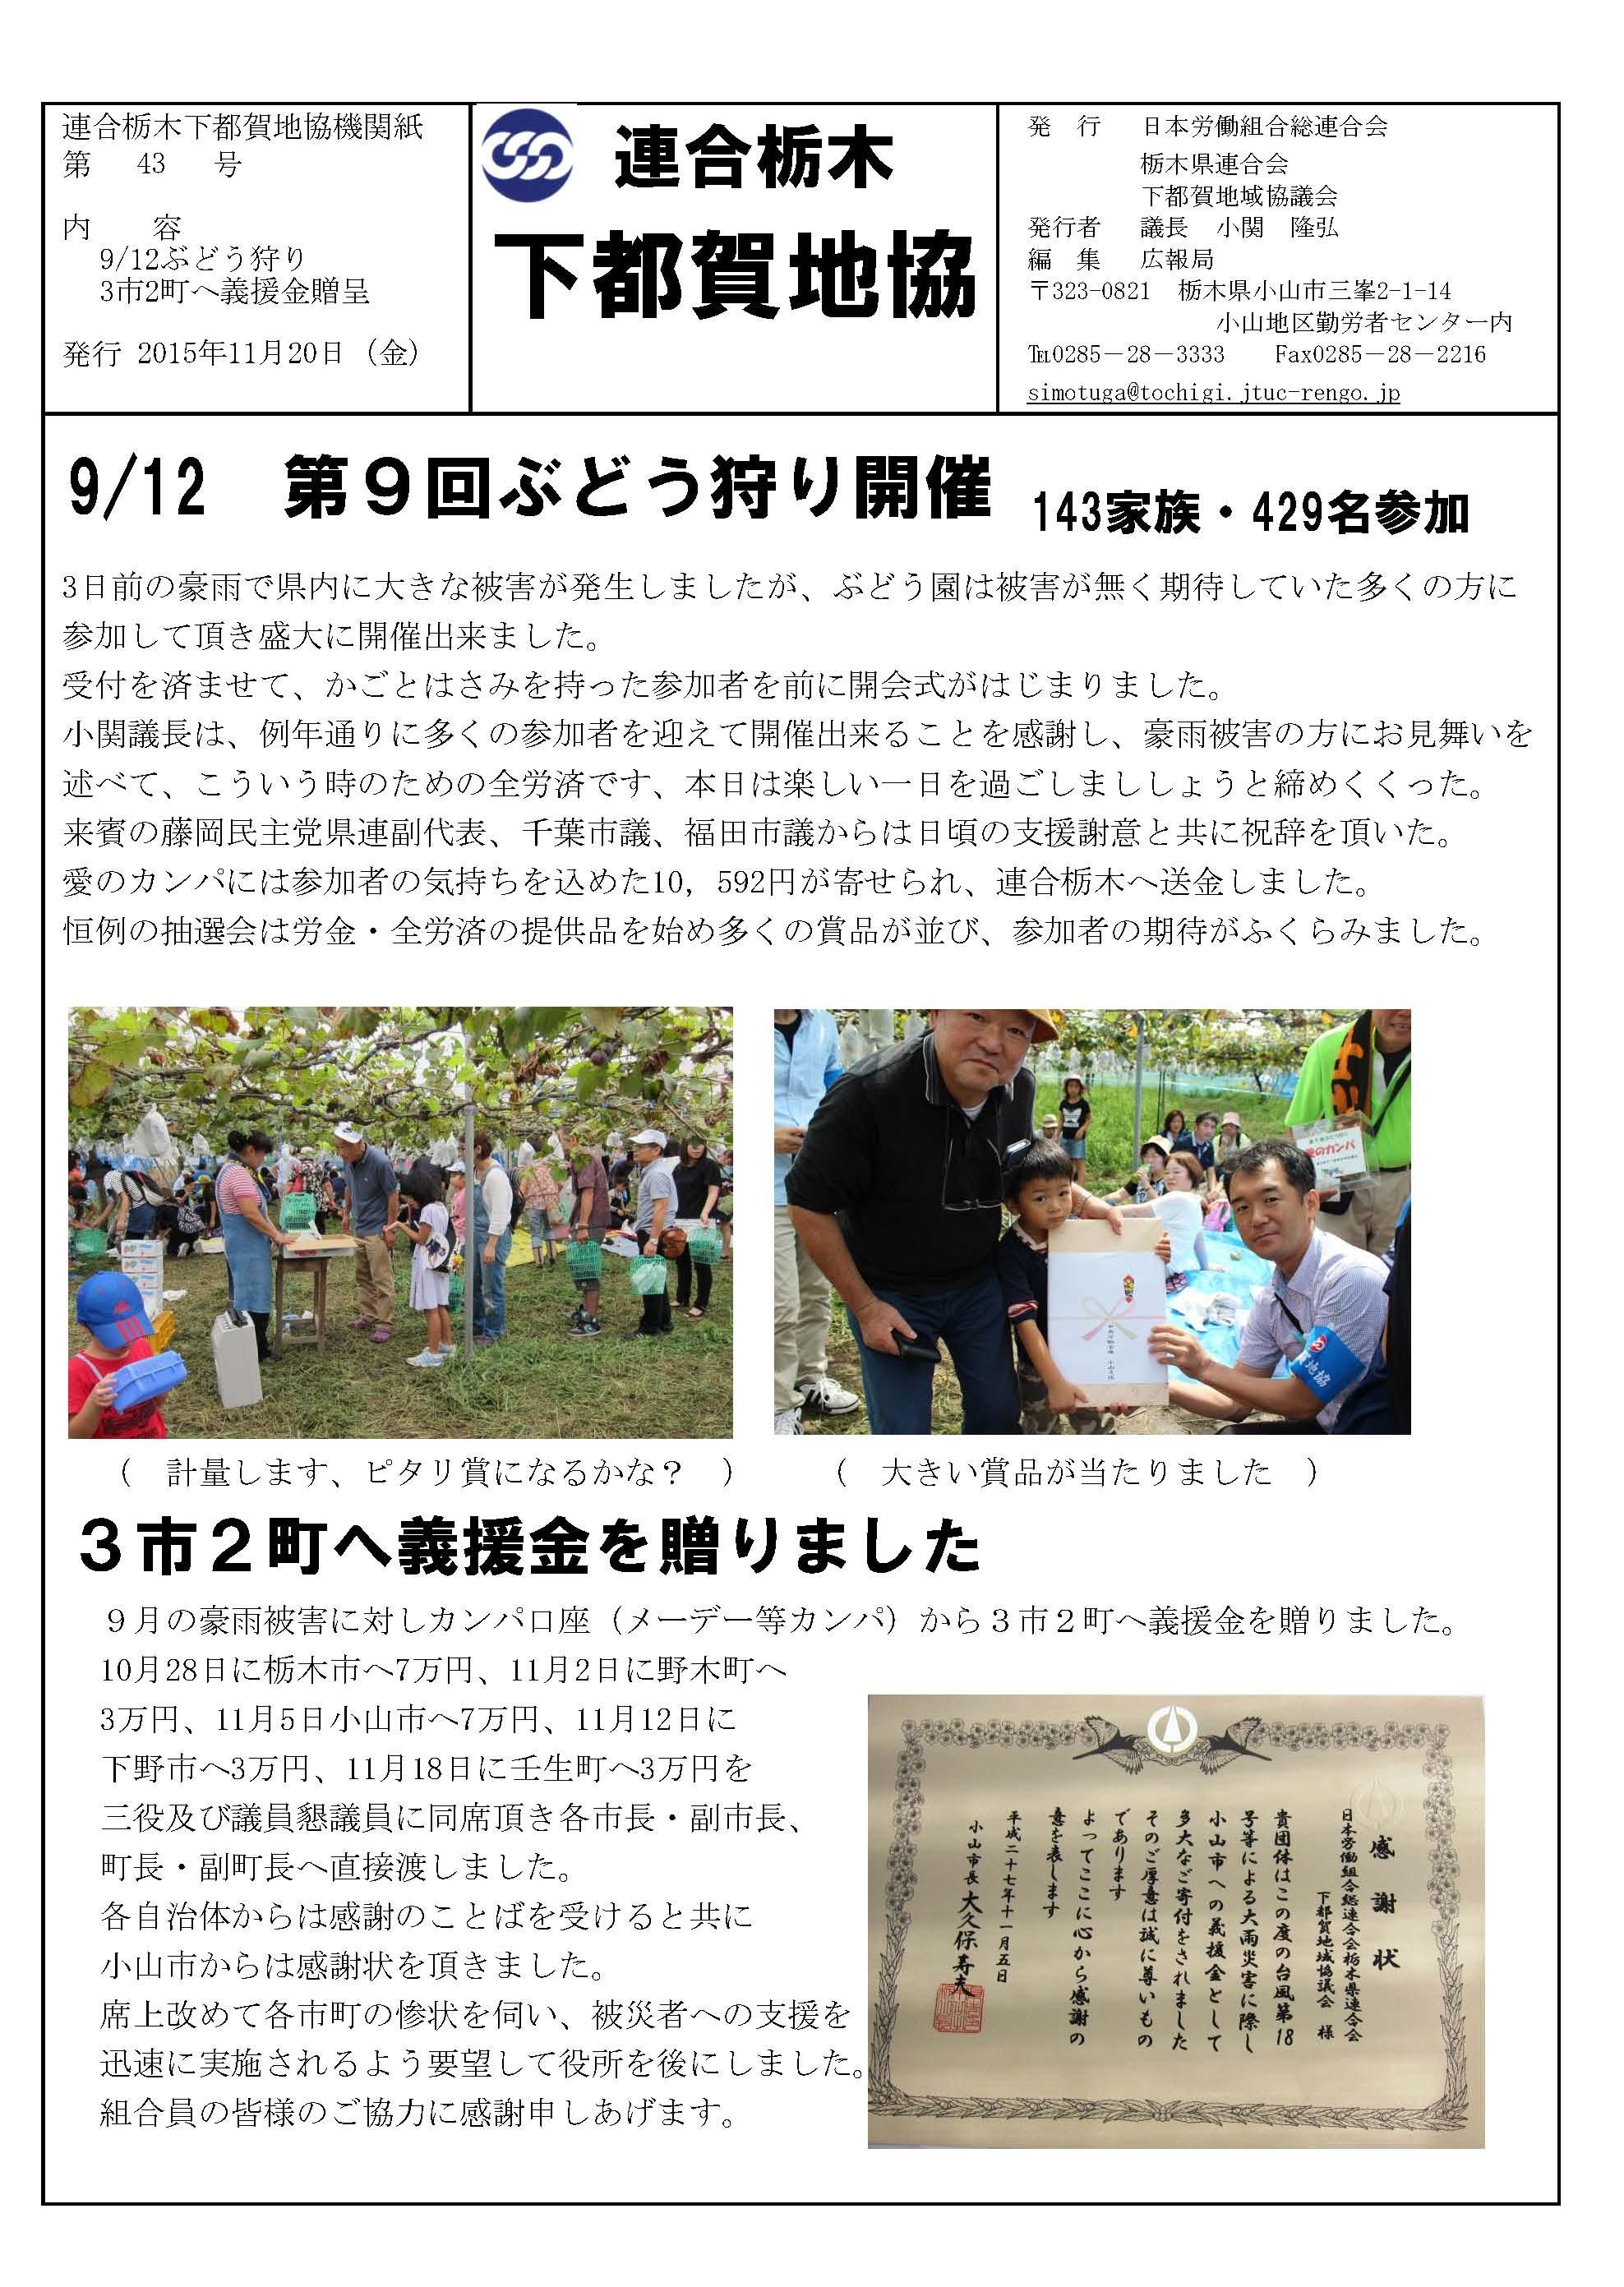 下都賀機関紙43号